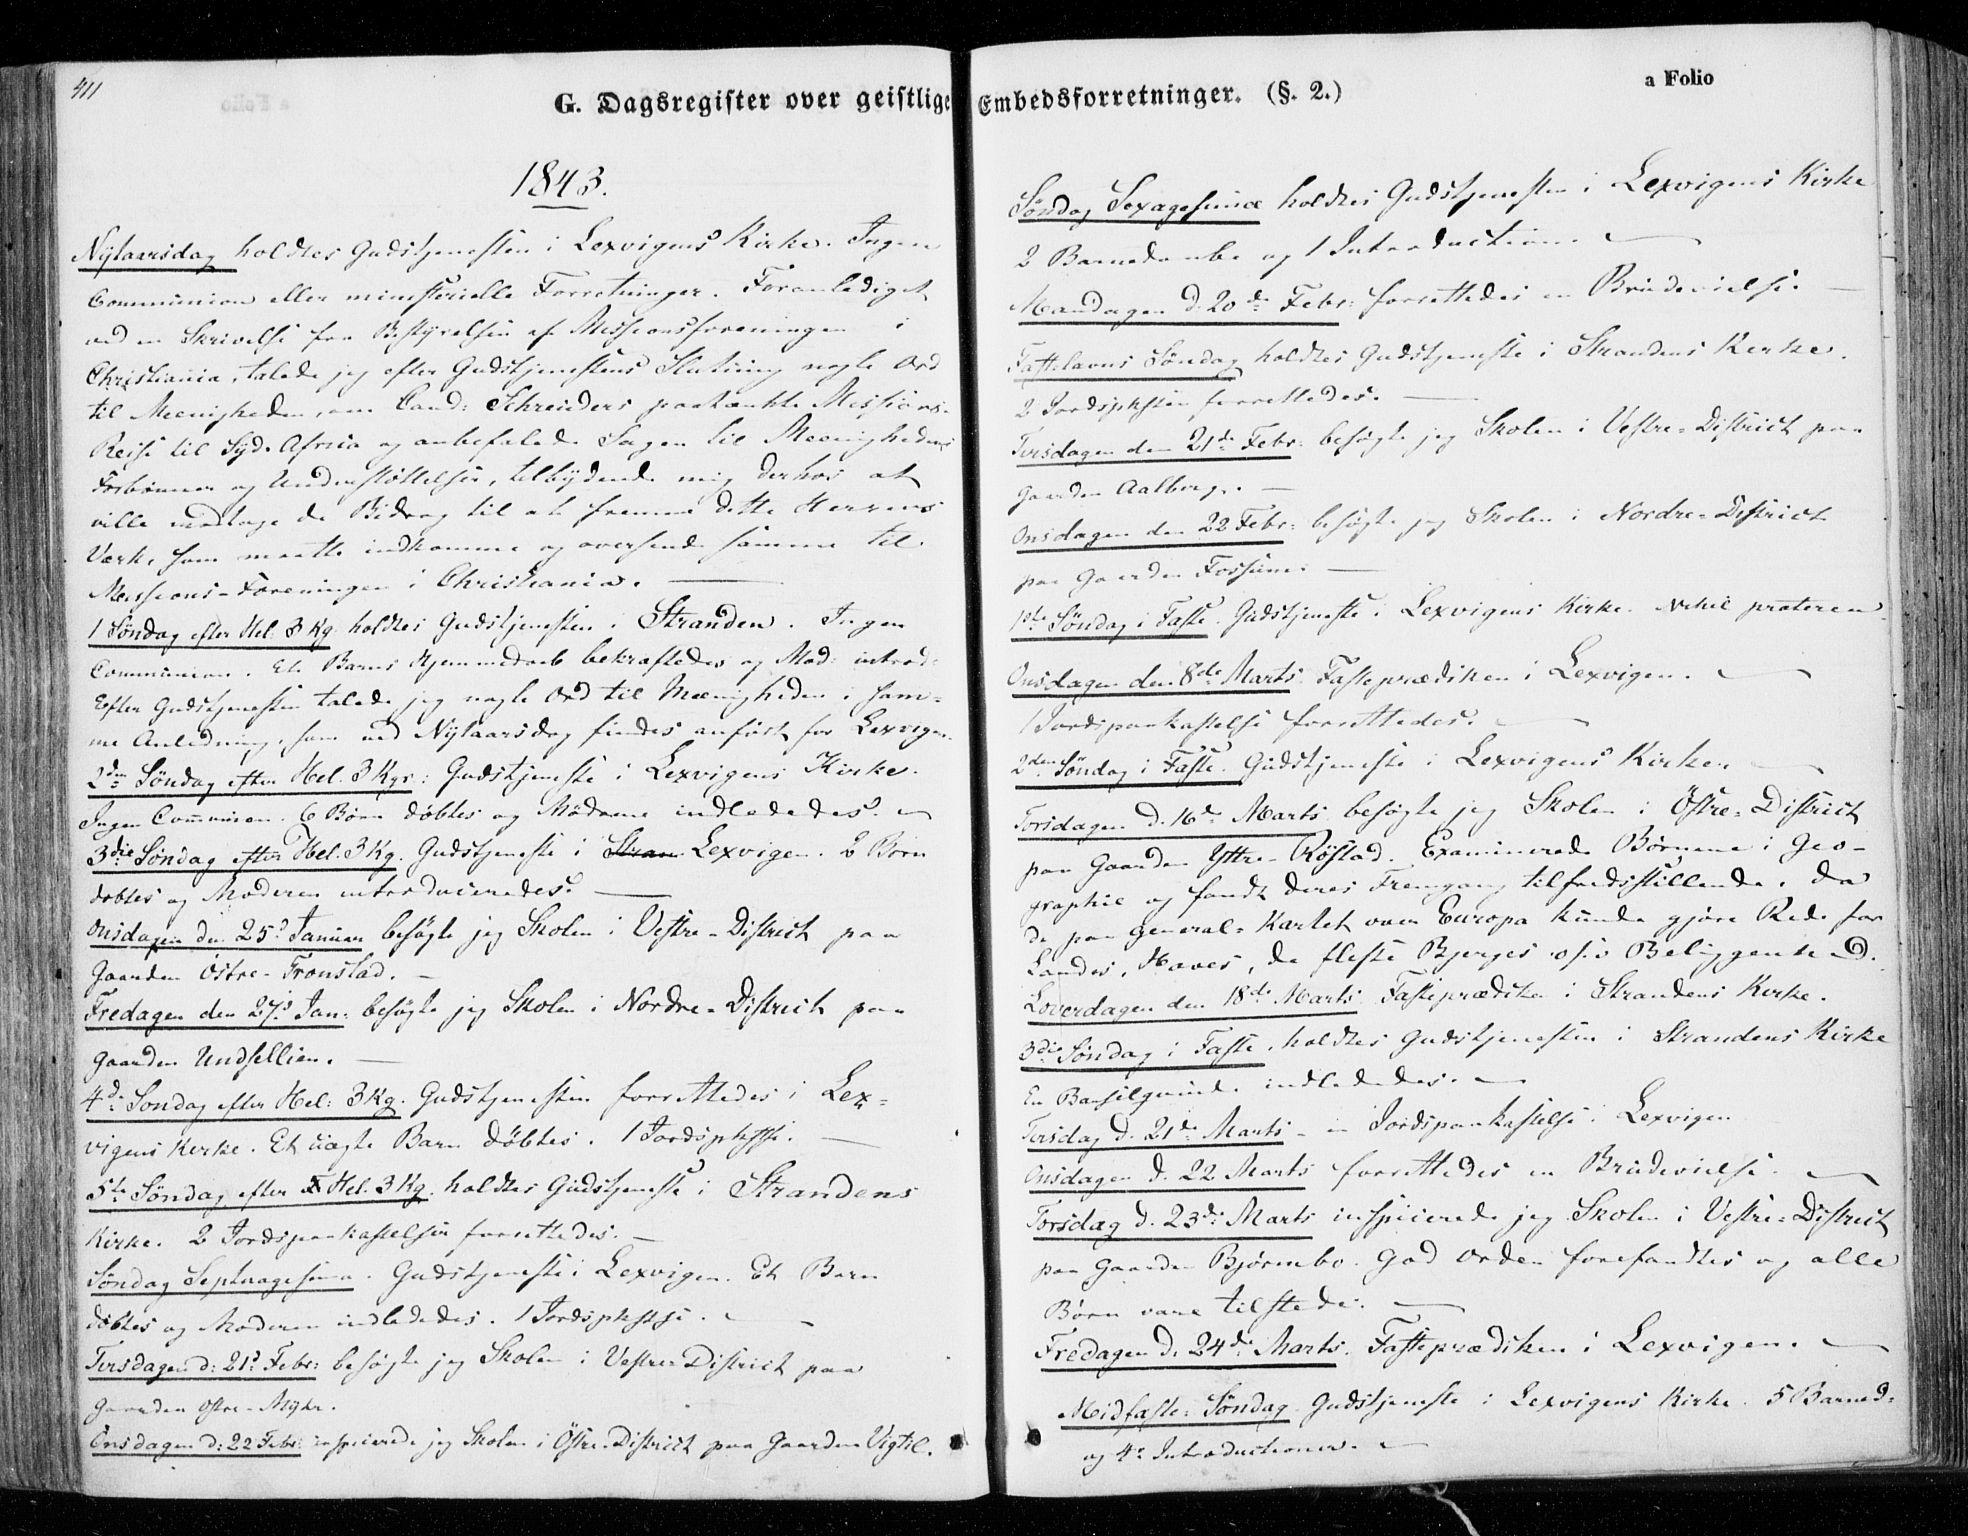 SAT, Ministerialprotokoller, klokkerbøker og fødselsregistre - Nord-Trøndelag, 701/L0007: Ministerialbok nr. 701A07 /1, 1842-1854, s. 411